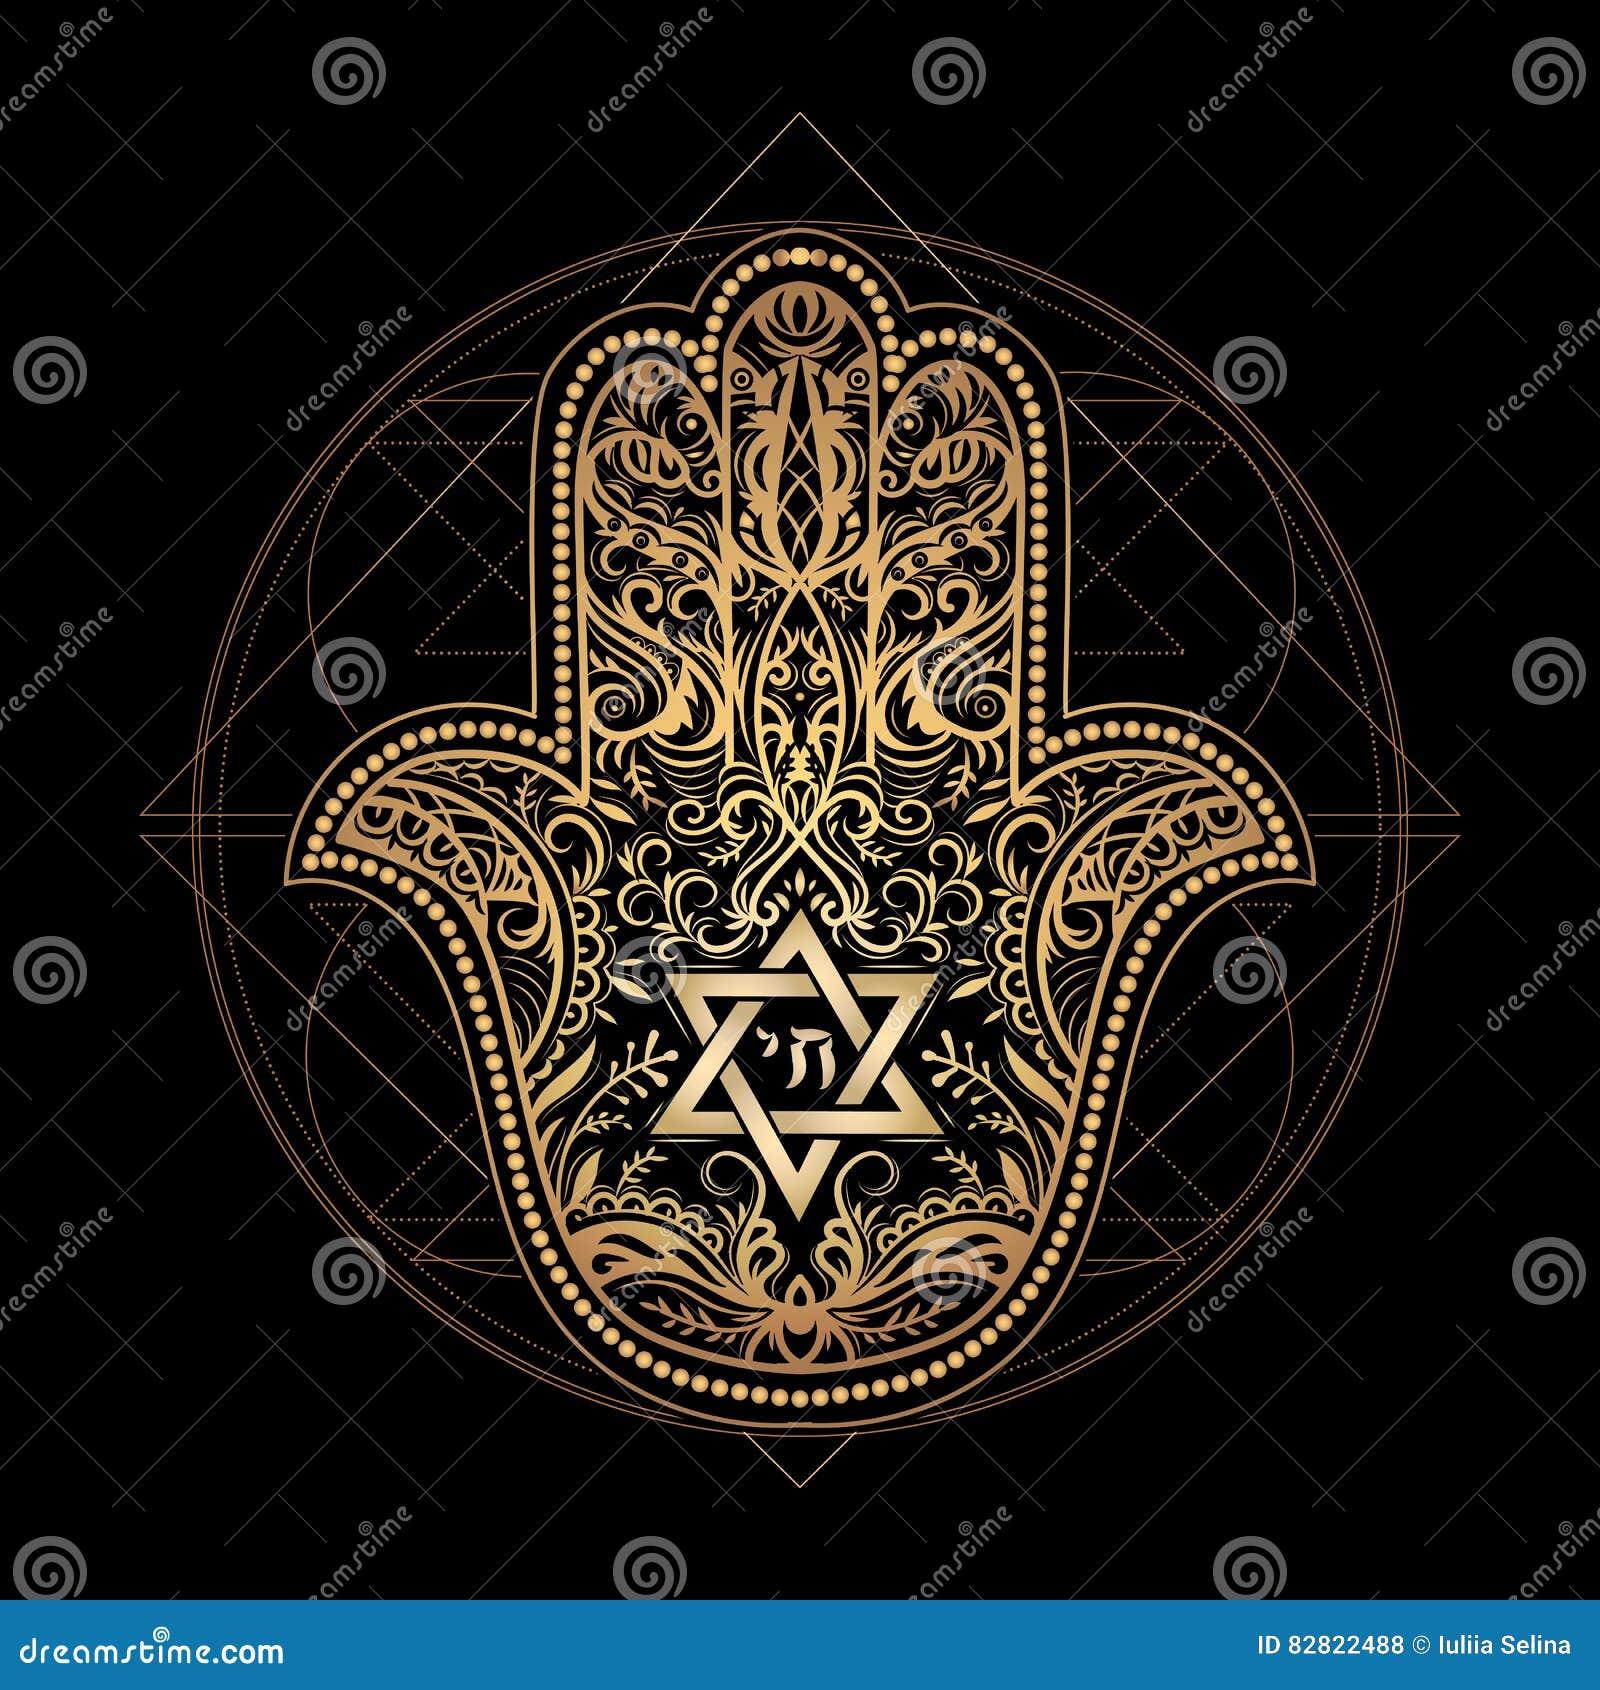 Jewish hamsa tattoo stock illustration image of israel 82822488 jewish hamsa tattoo biocorpaavc